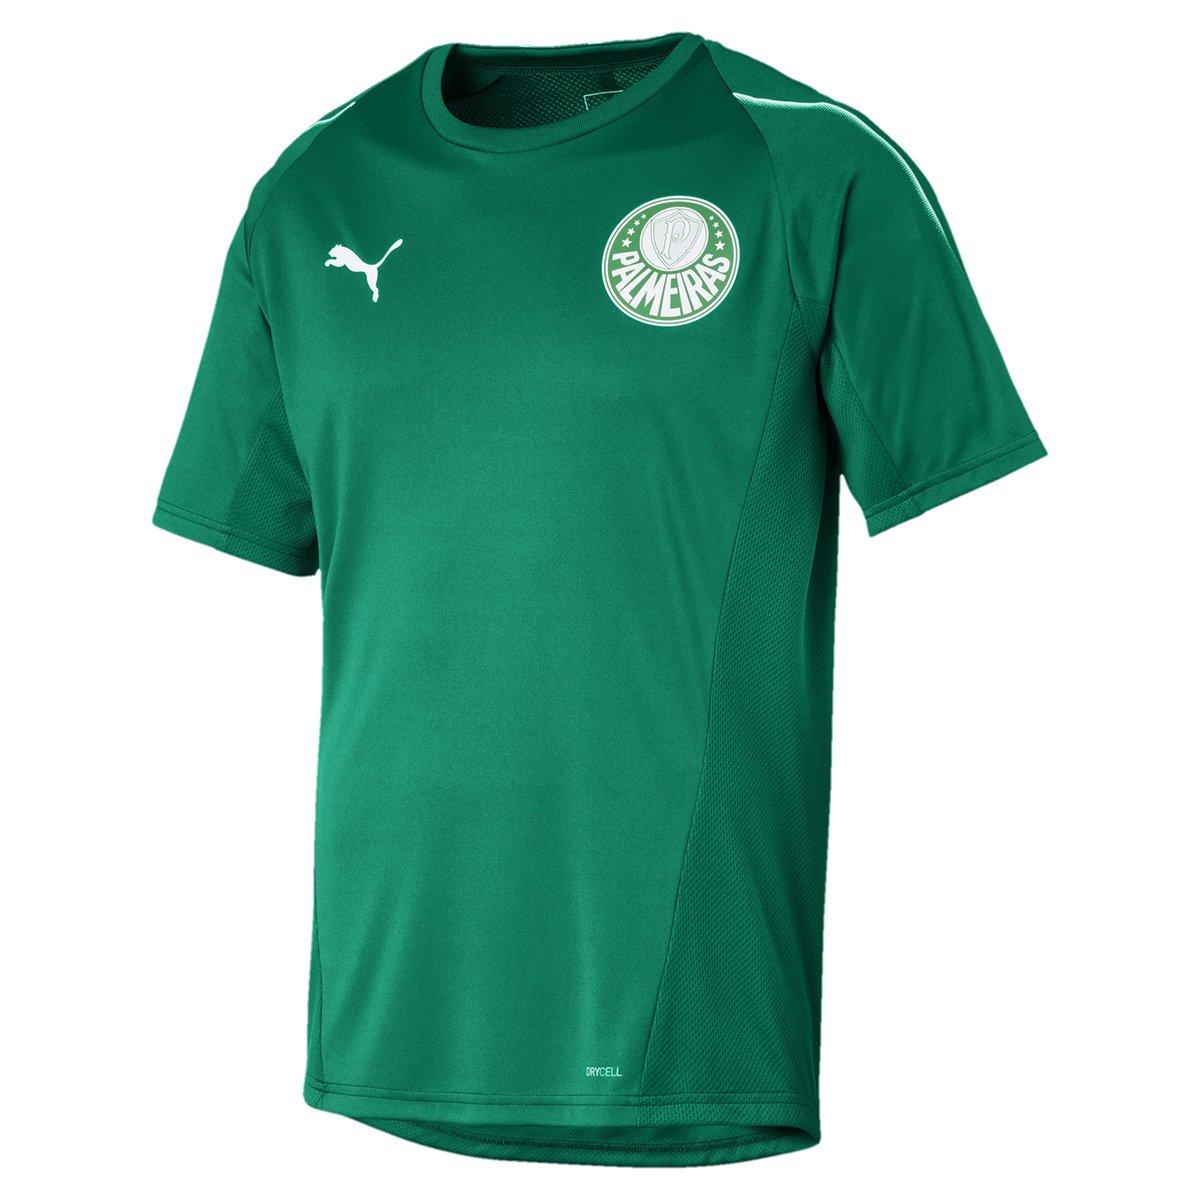 ba4a69e9ab Camisa de Treino Palmeiras 19 20 Puma Masculina - Verde - Compre ...